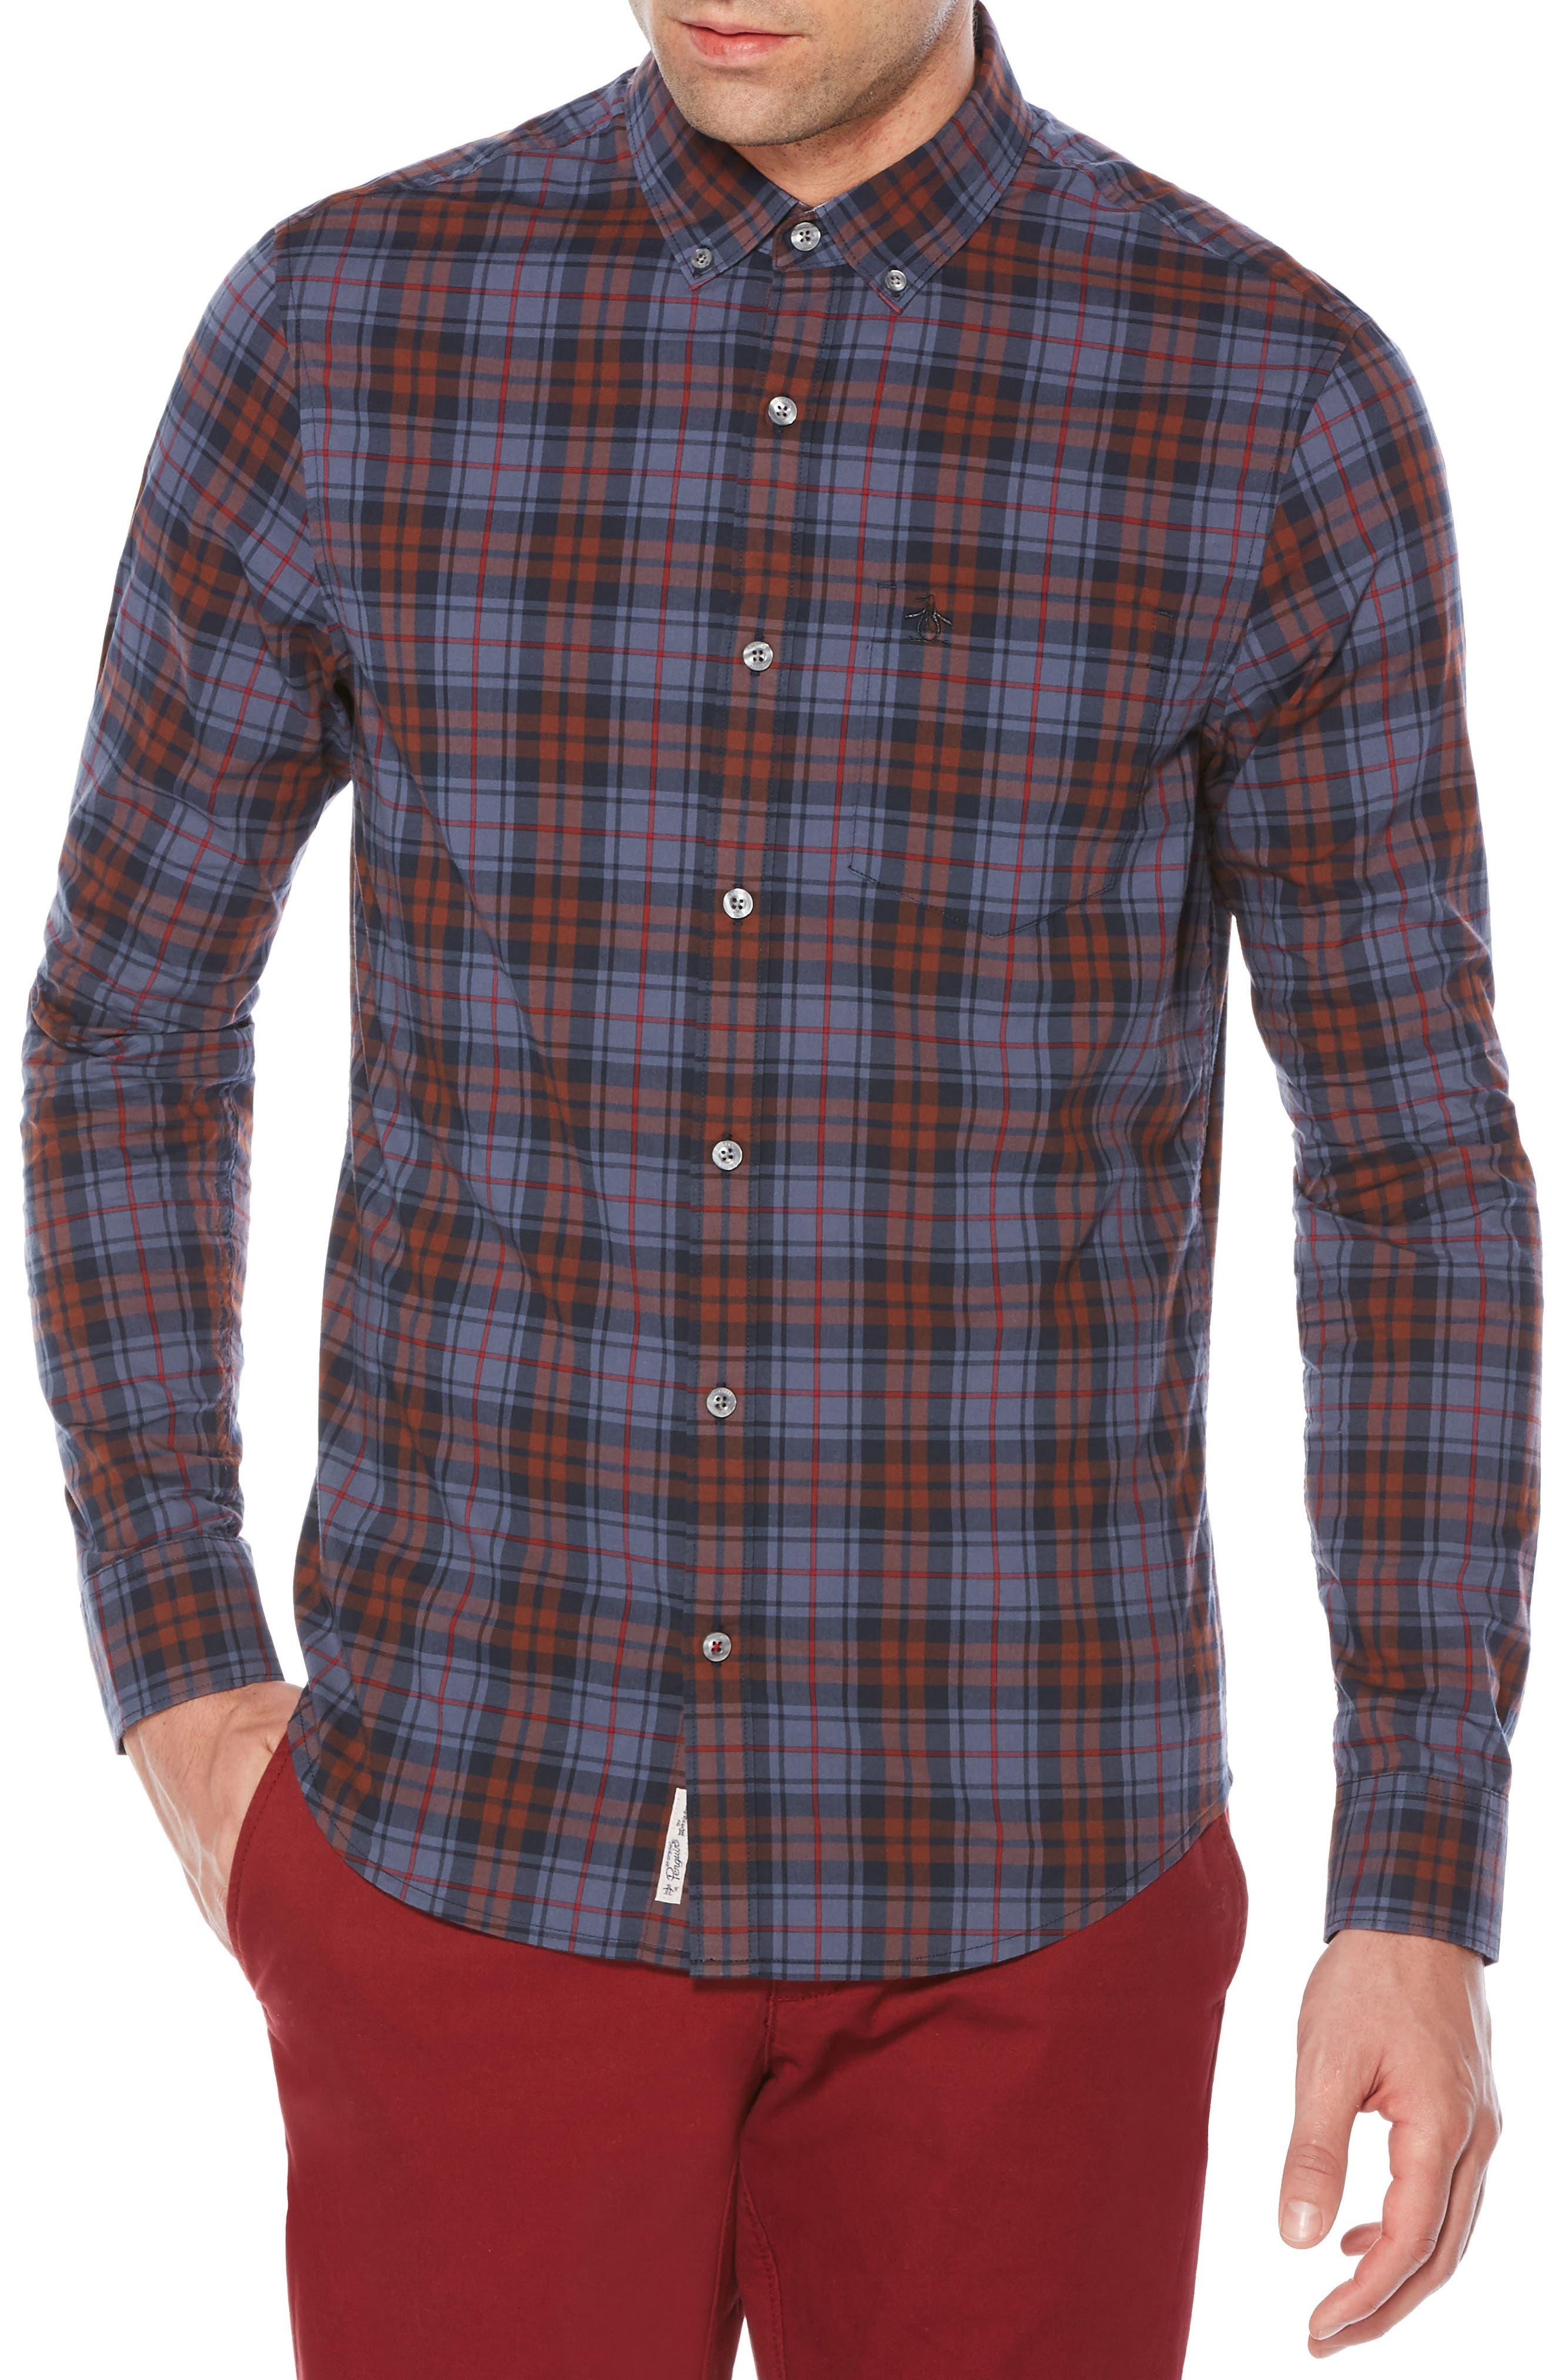 Alternate Image 1 Selected - Original Penguin P55 Heritage Slim Fit Plaid Shirt